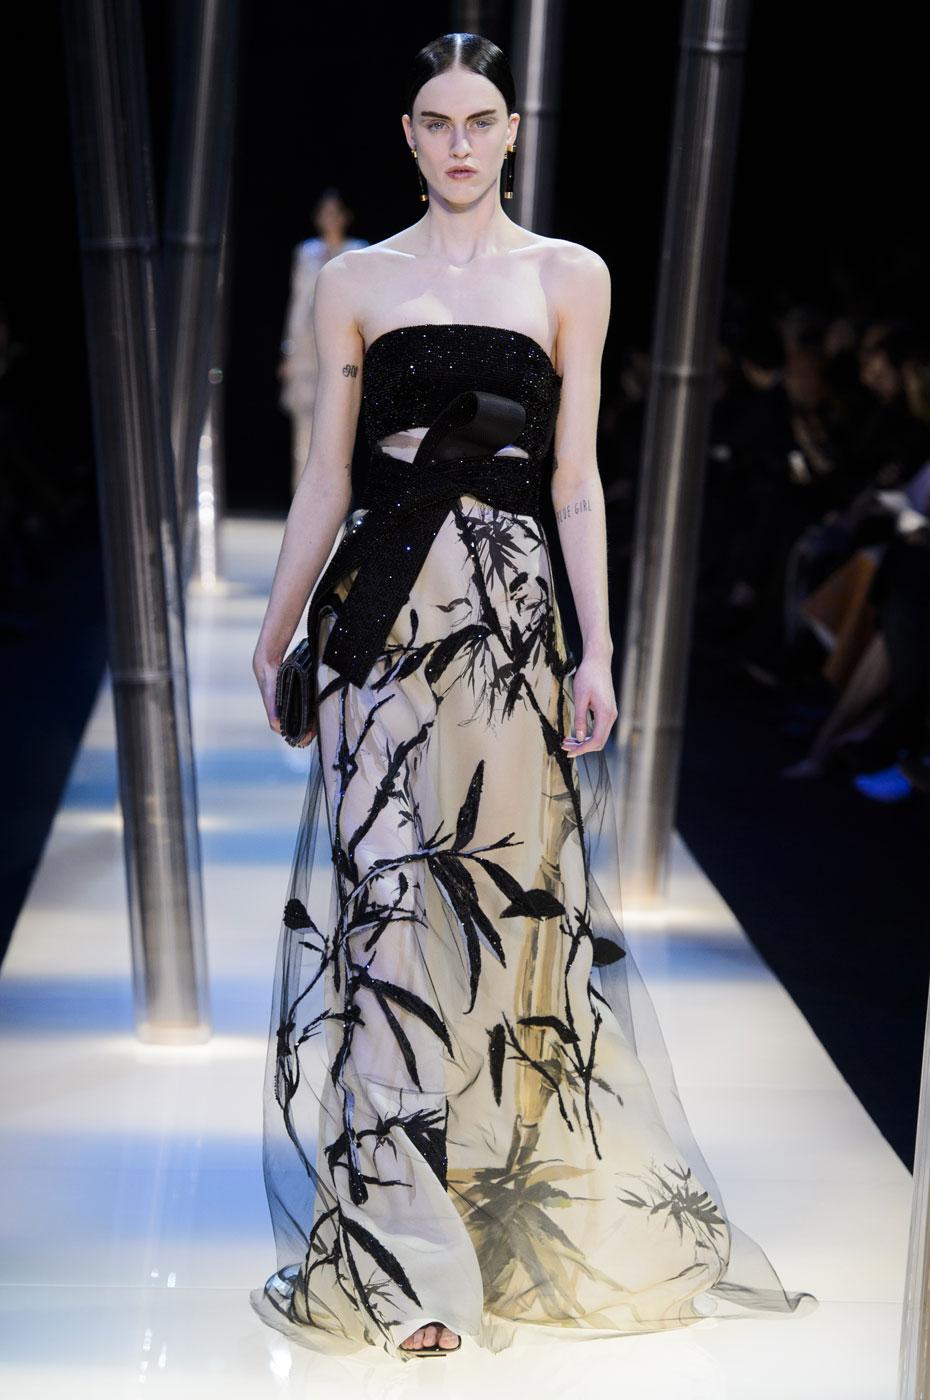 Giorgio-armani-Prive-fashion-runway-show-haute-couture-paris-spring-2015-the-impression-091